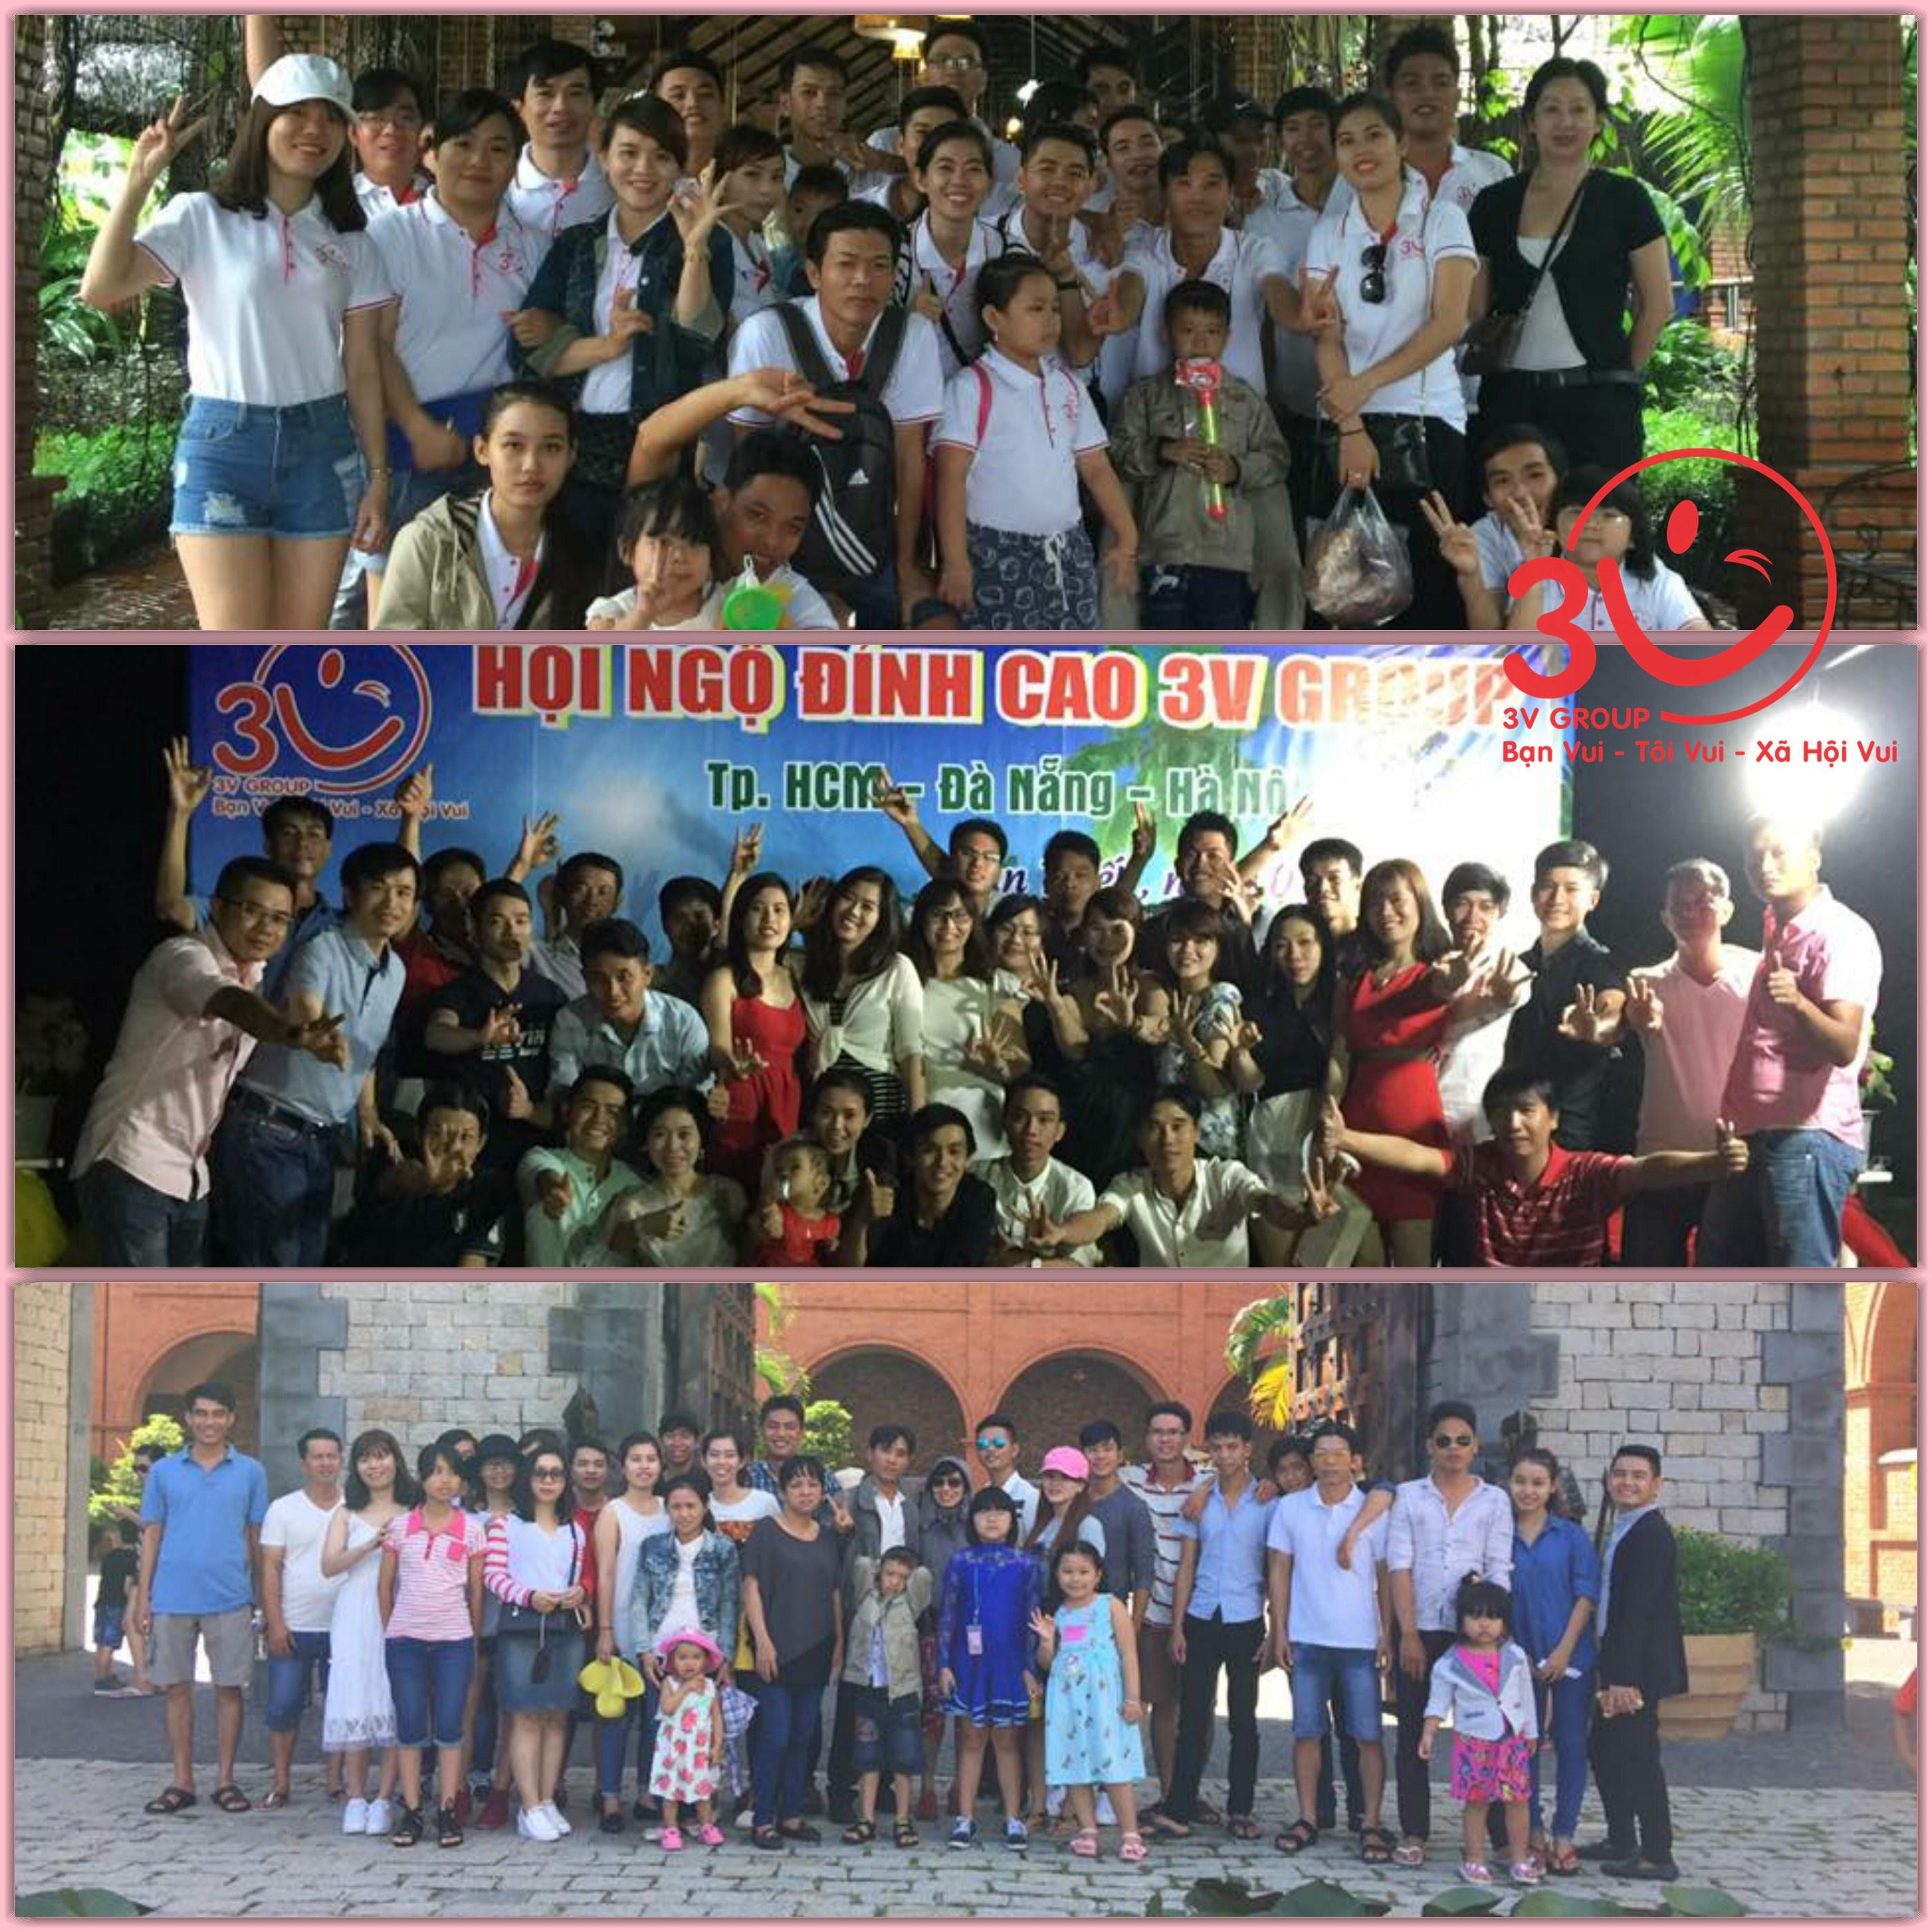 các thành viên 3V của Tp. Hồ Chí Minh – Đà Nẵng - Hà Nội – Cần Thơ đã trao nhau để cùng tạo nên một chuyến đi happy trip, để lại dấu ấn tốt đẹp trong lòng mỗi cá nhân tham gia.